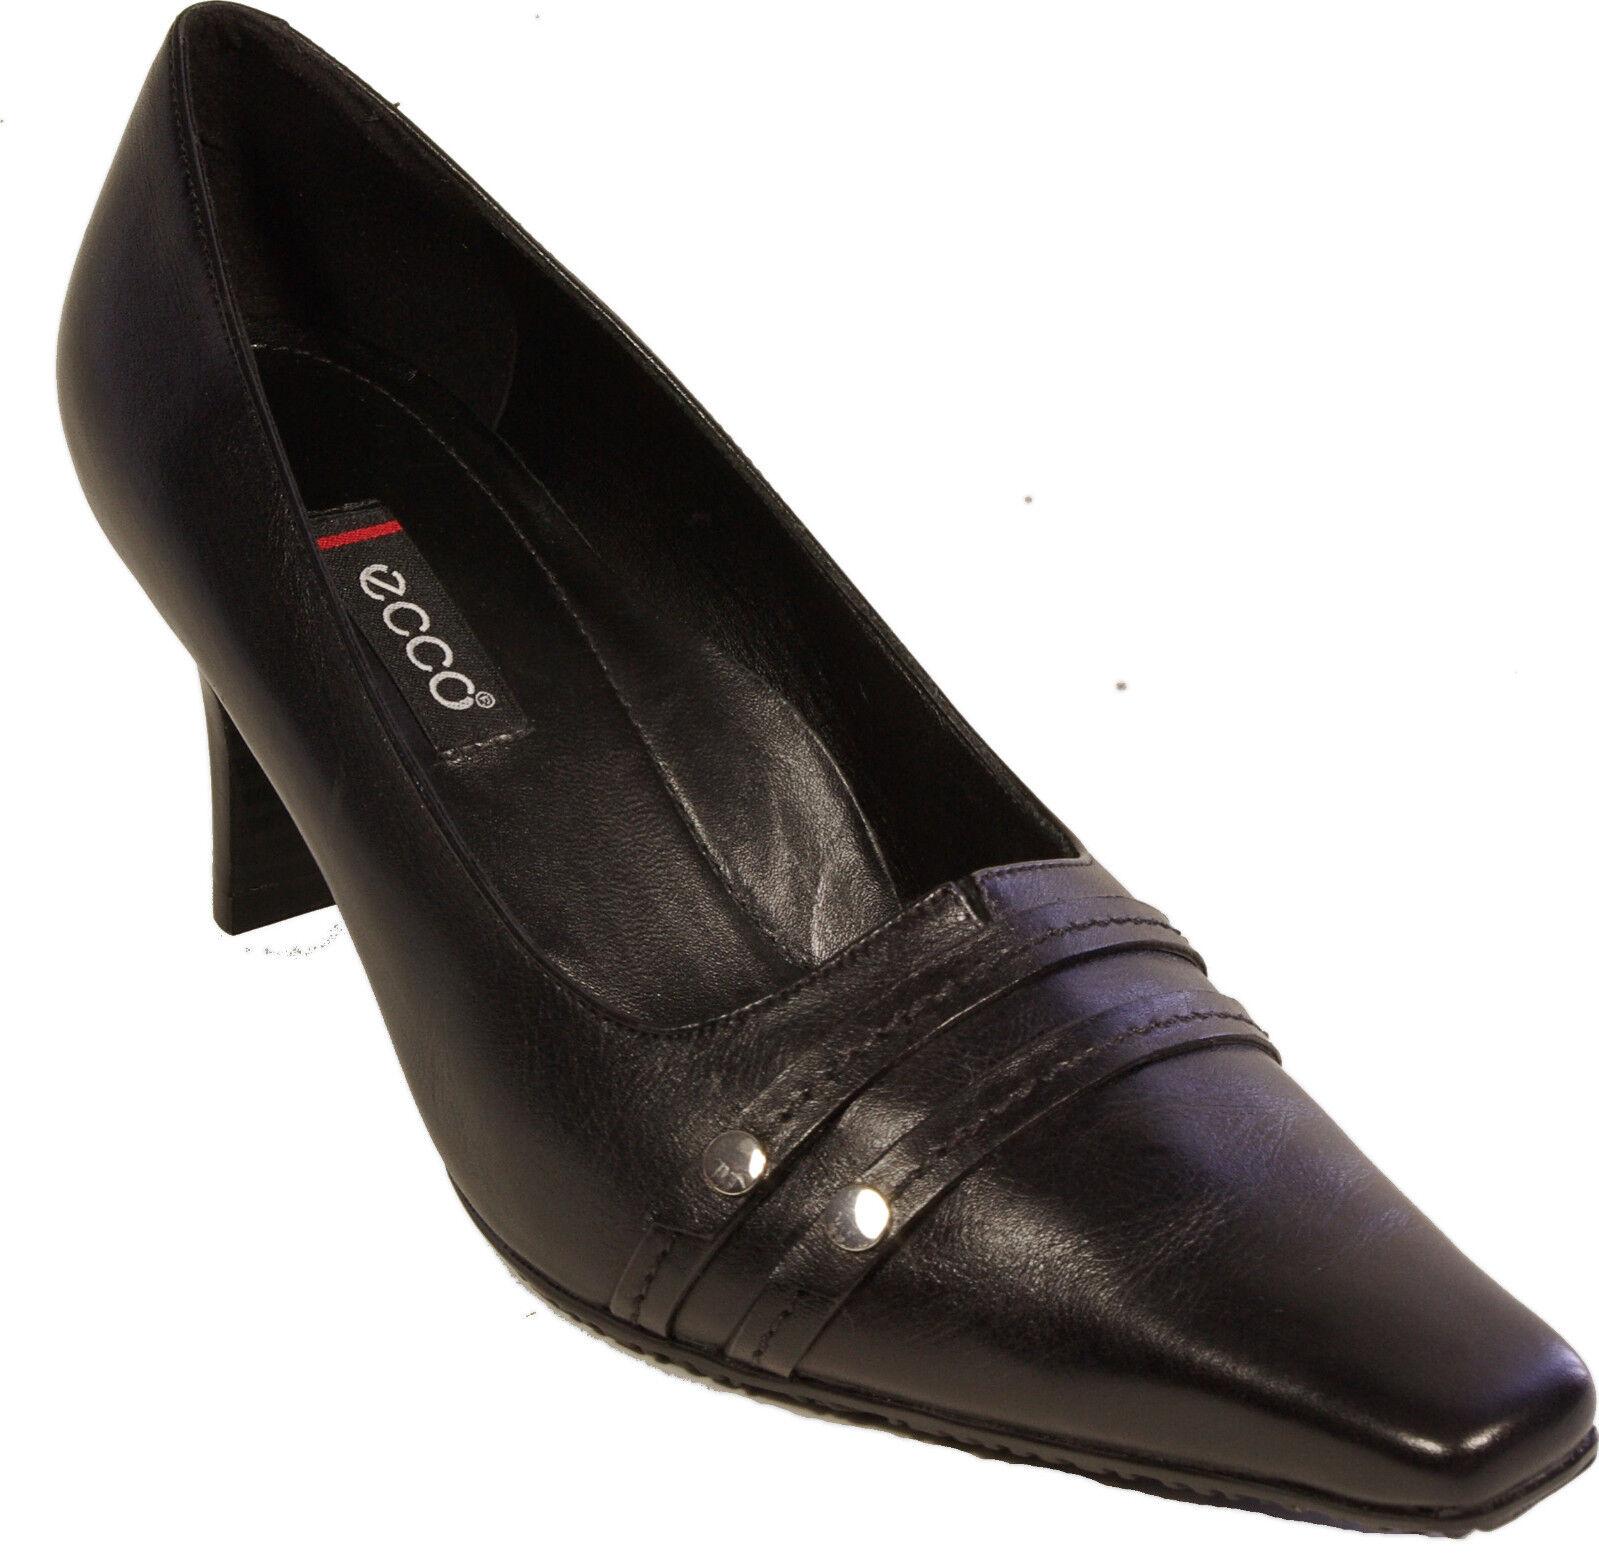 ECCO Schuhe Pumps Gr. 36 ( 3,5 ) schwarz echt Leder  Gummisohle NEU